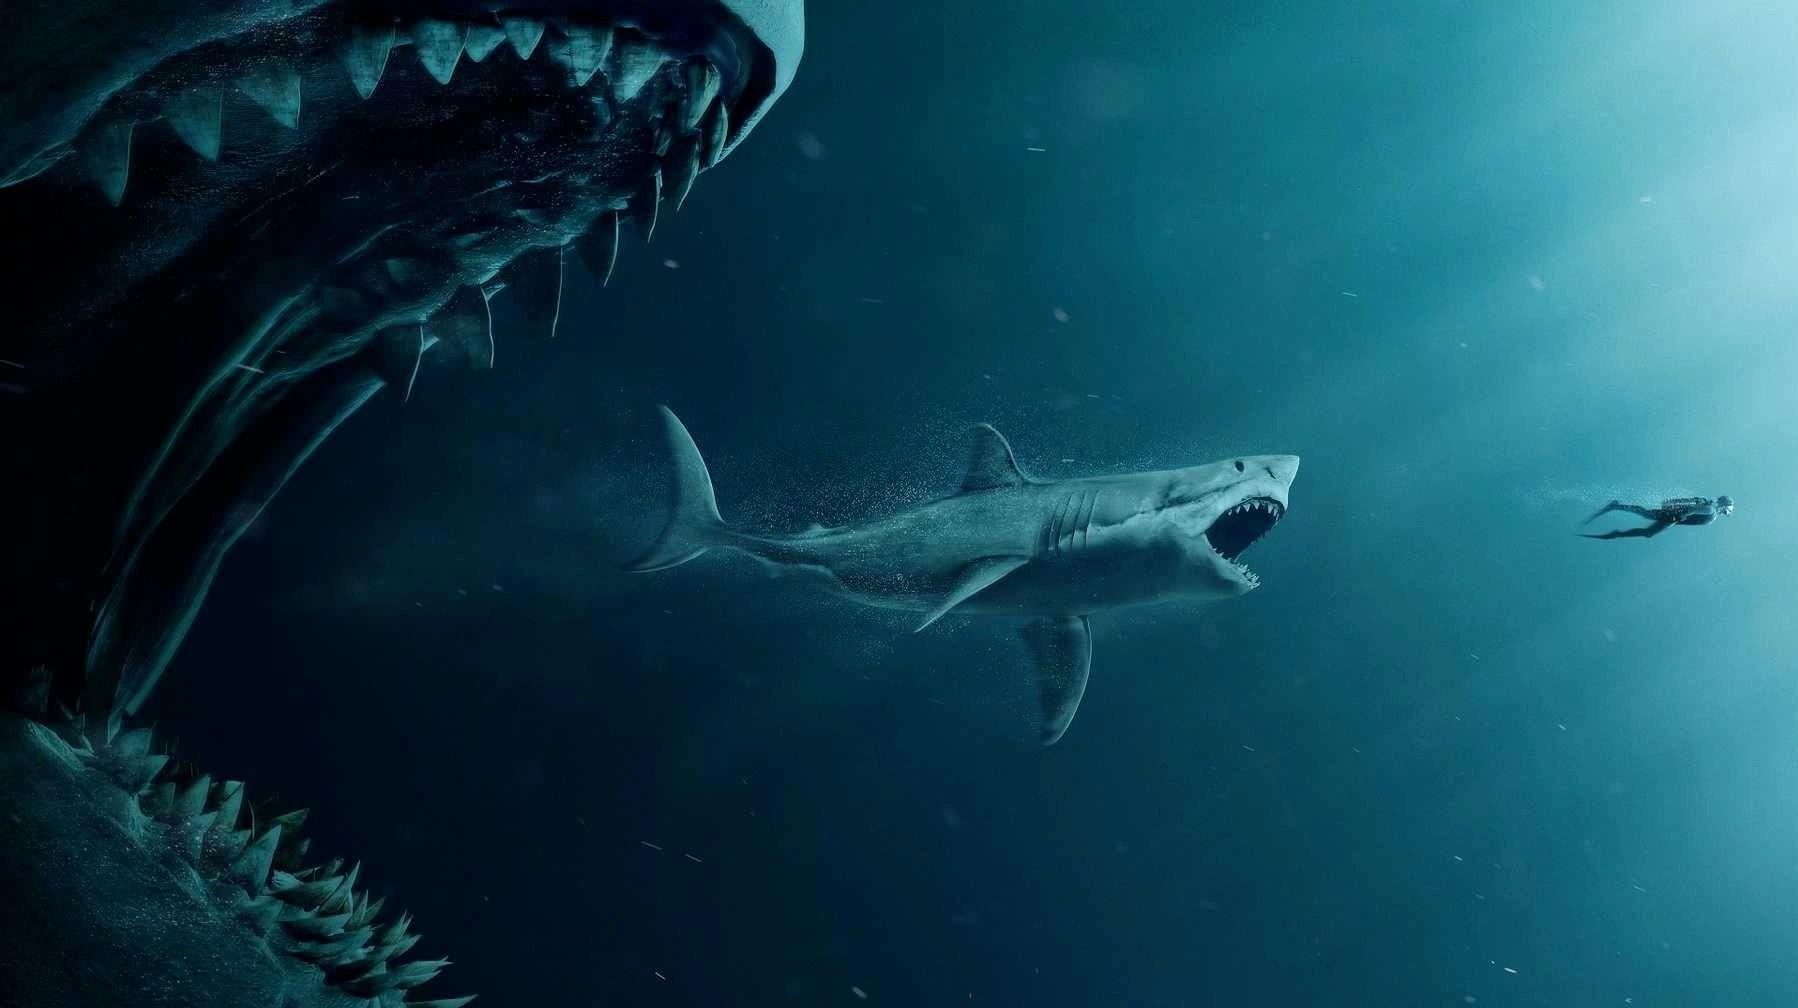 """Megatubarão 2"""" está acontecendo e será dirigido pelo diretor de """"Rebecca"""", da Netflix – Categoria Nerd"""